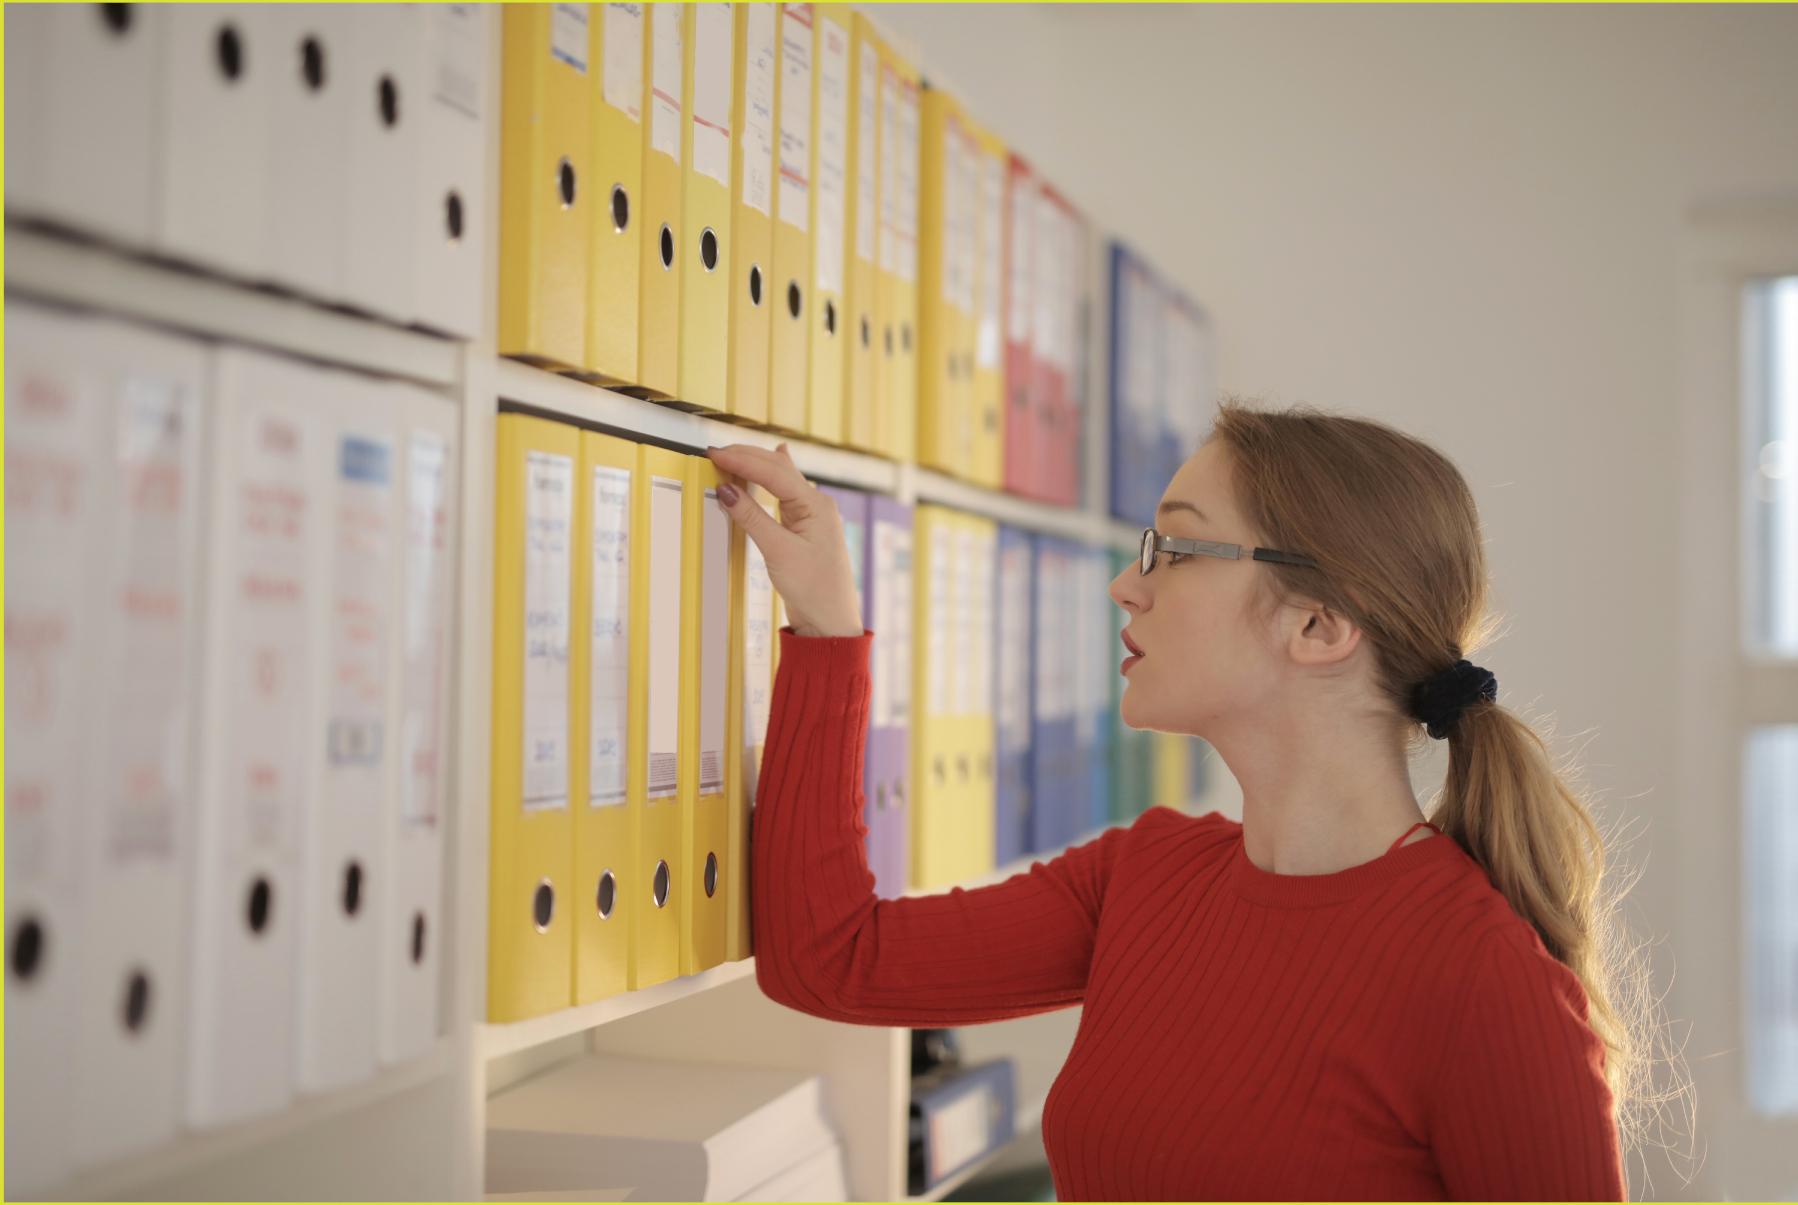 kobieta stoi przy półkach z segregatorami i szuka dokumentów